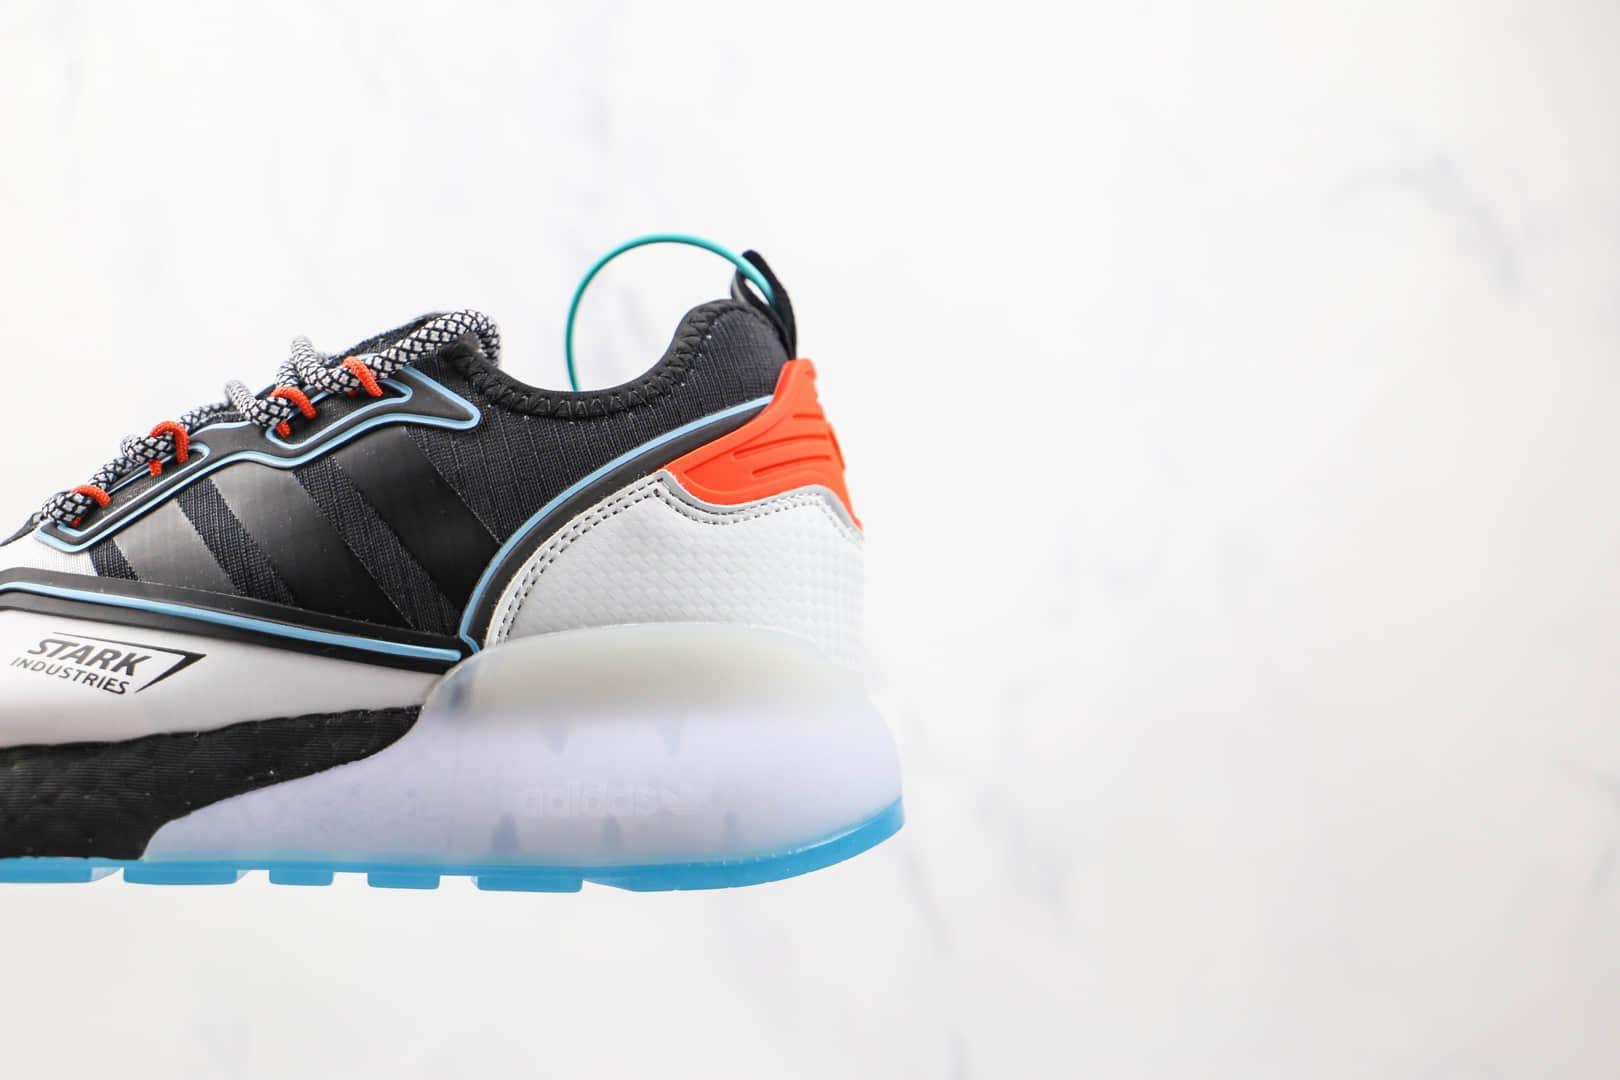 阿迪达斯Adidas Originals ZX 2K Boost纯原版本三叶草ZX 2K漫威联名款钢铁侠3M反光白黑色爆米花跑鞋原盒原标 货号:H02561